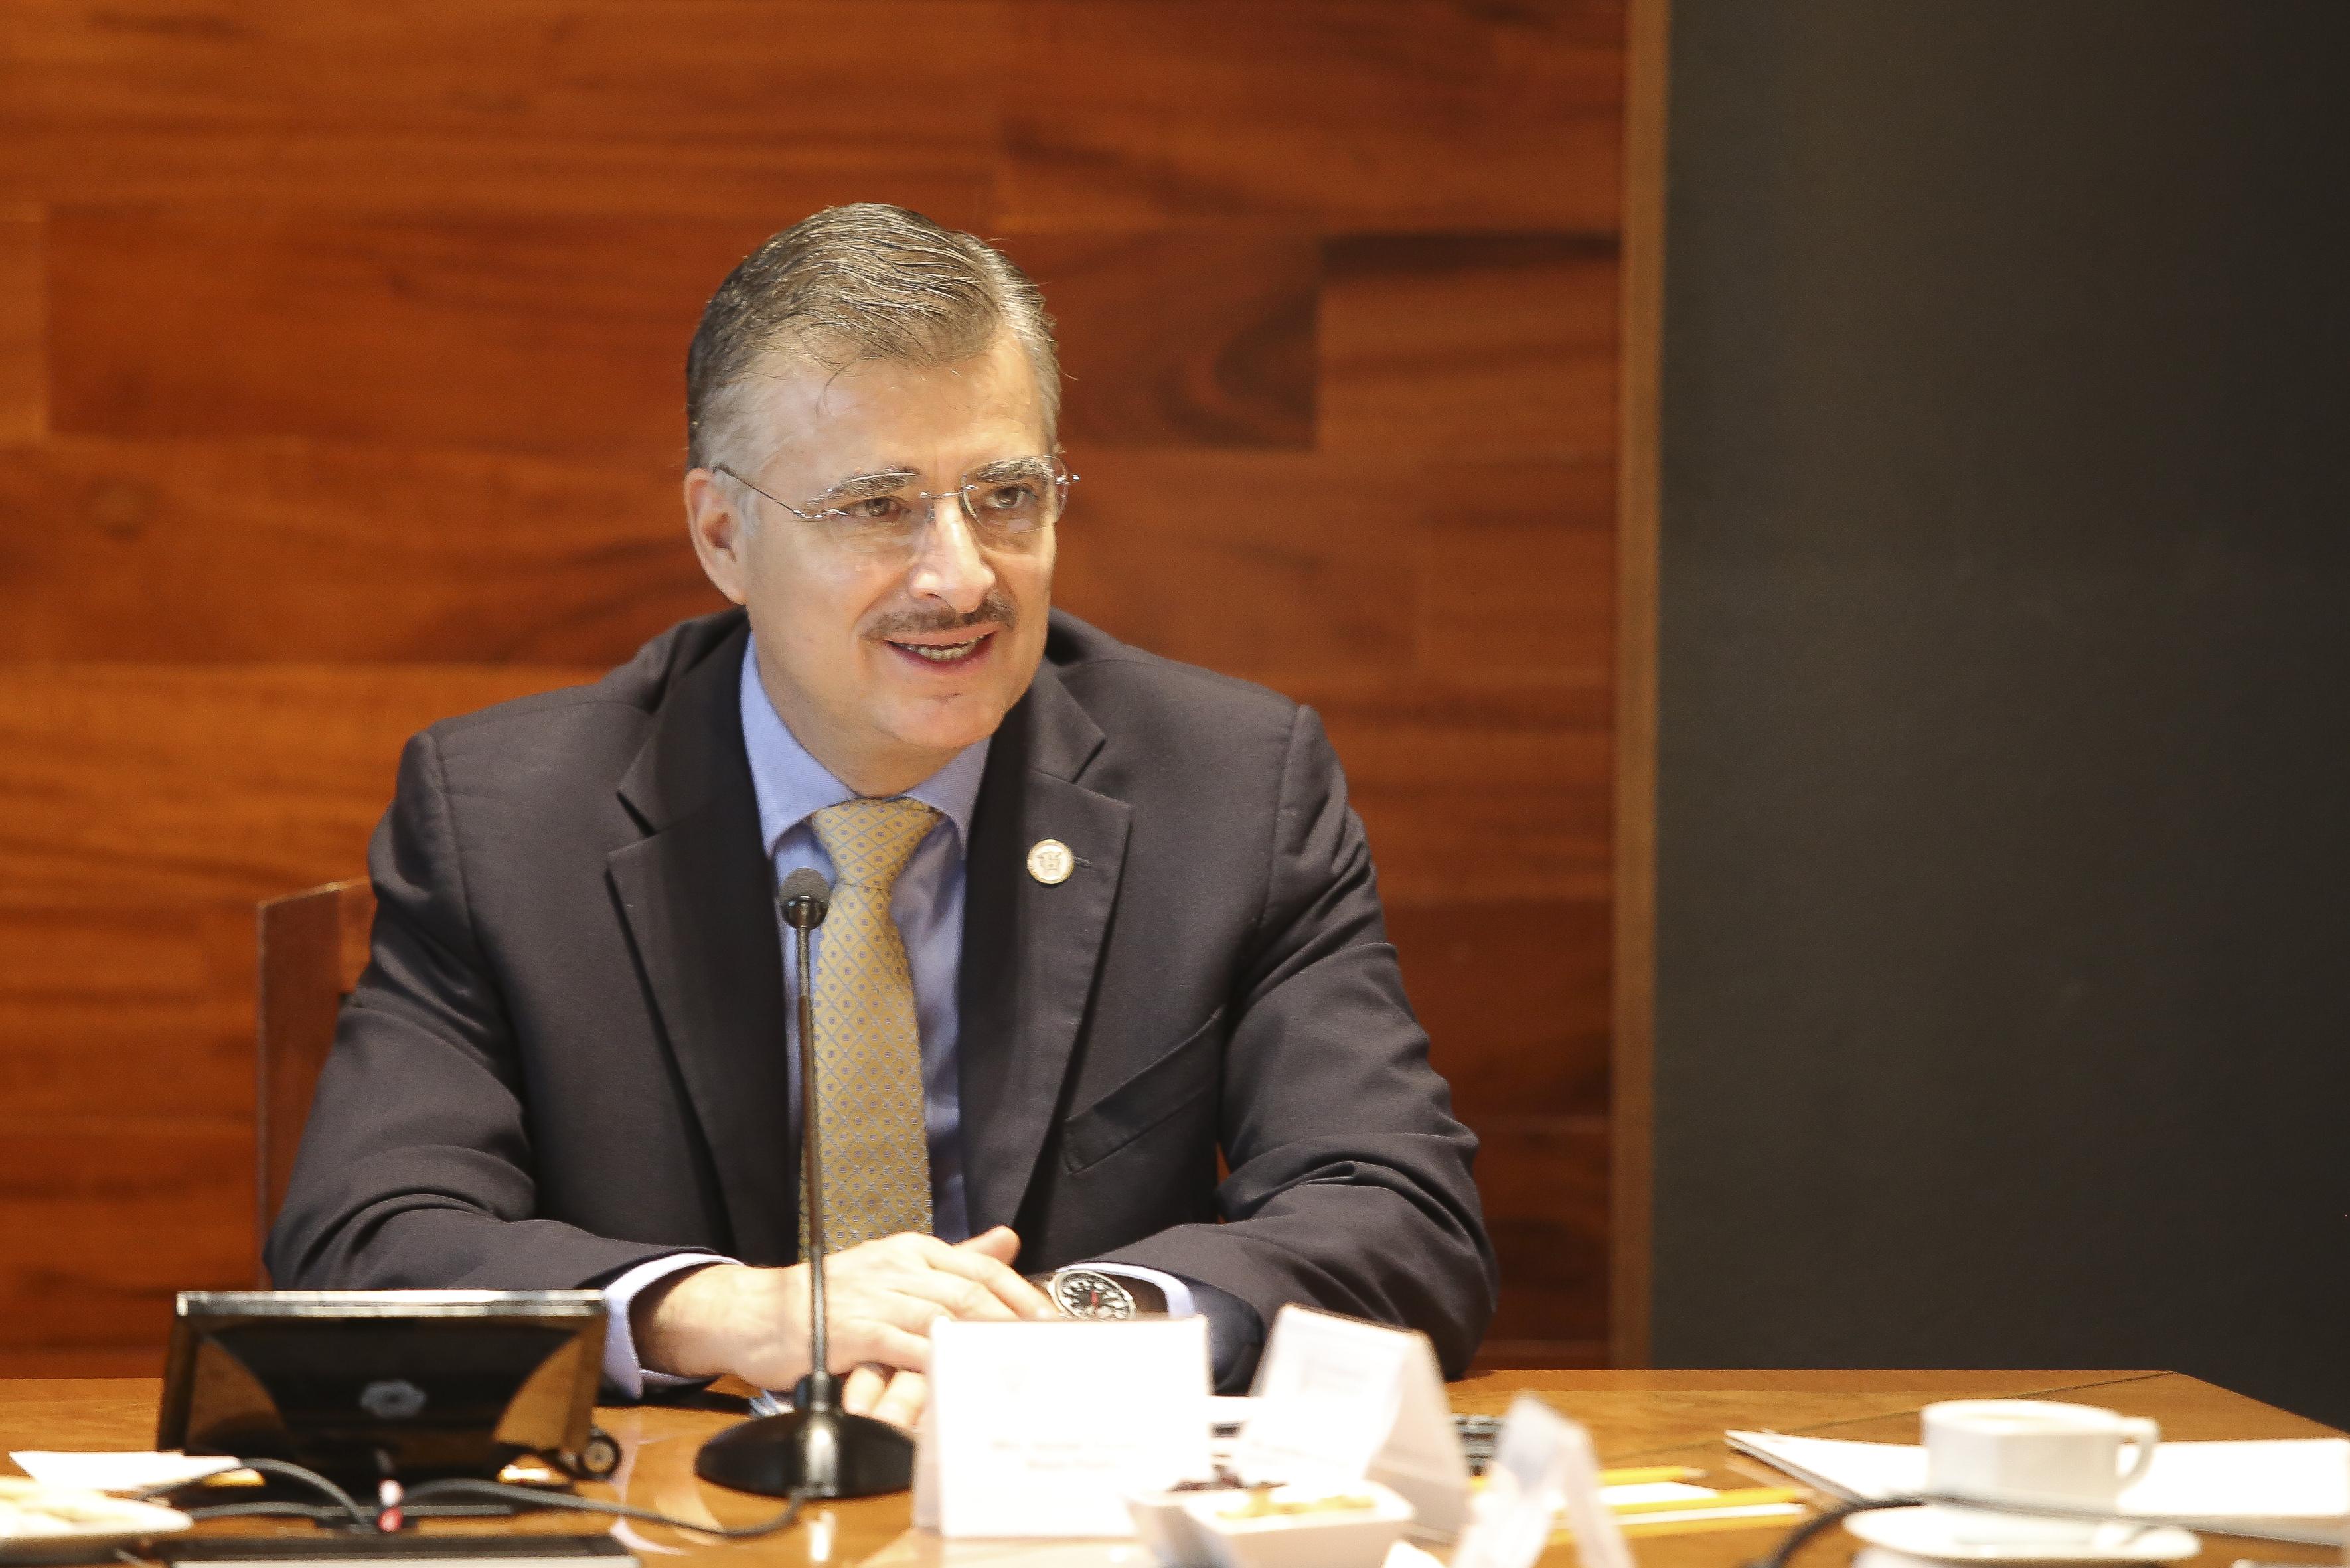 Rector general tomando la palabra en la sala de juntas de Rectoría General